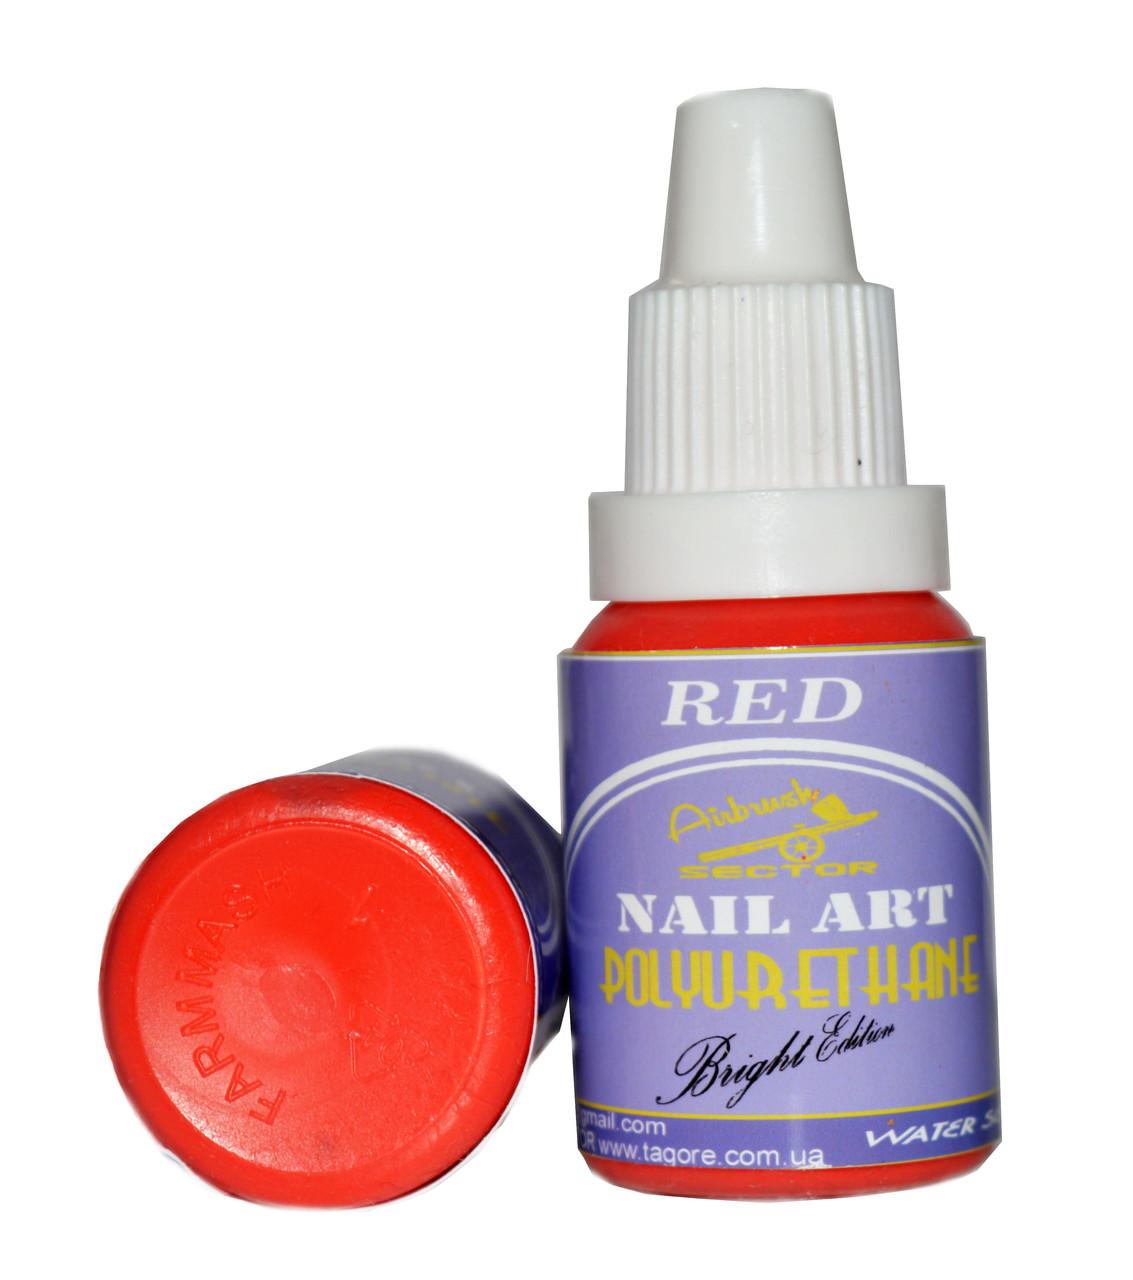 Краска для ногтей POLYURETHANE Bright Edition RED